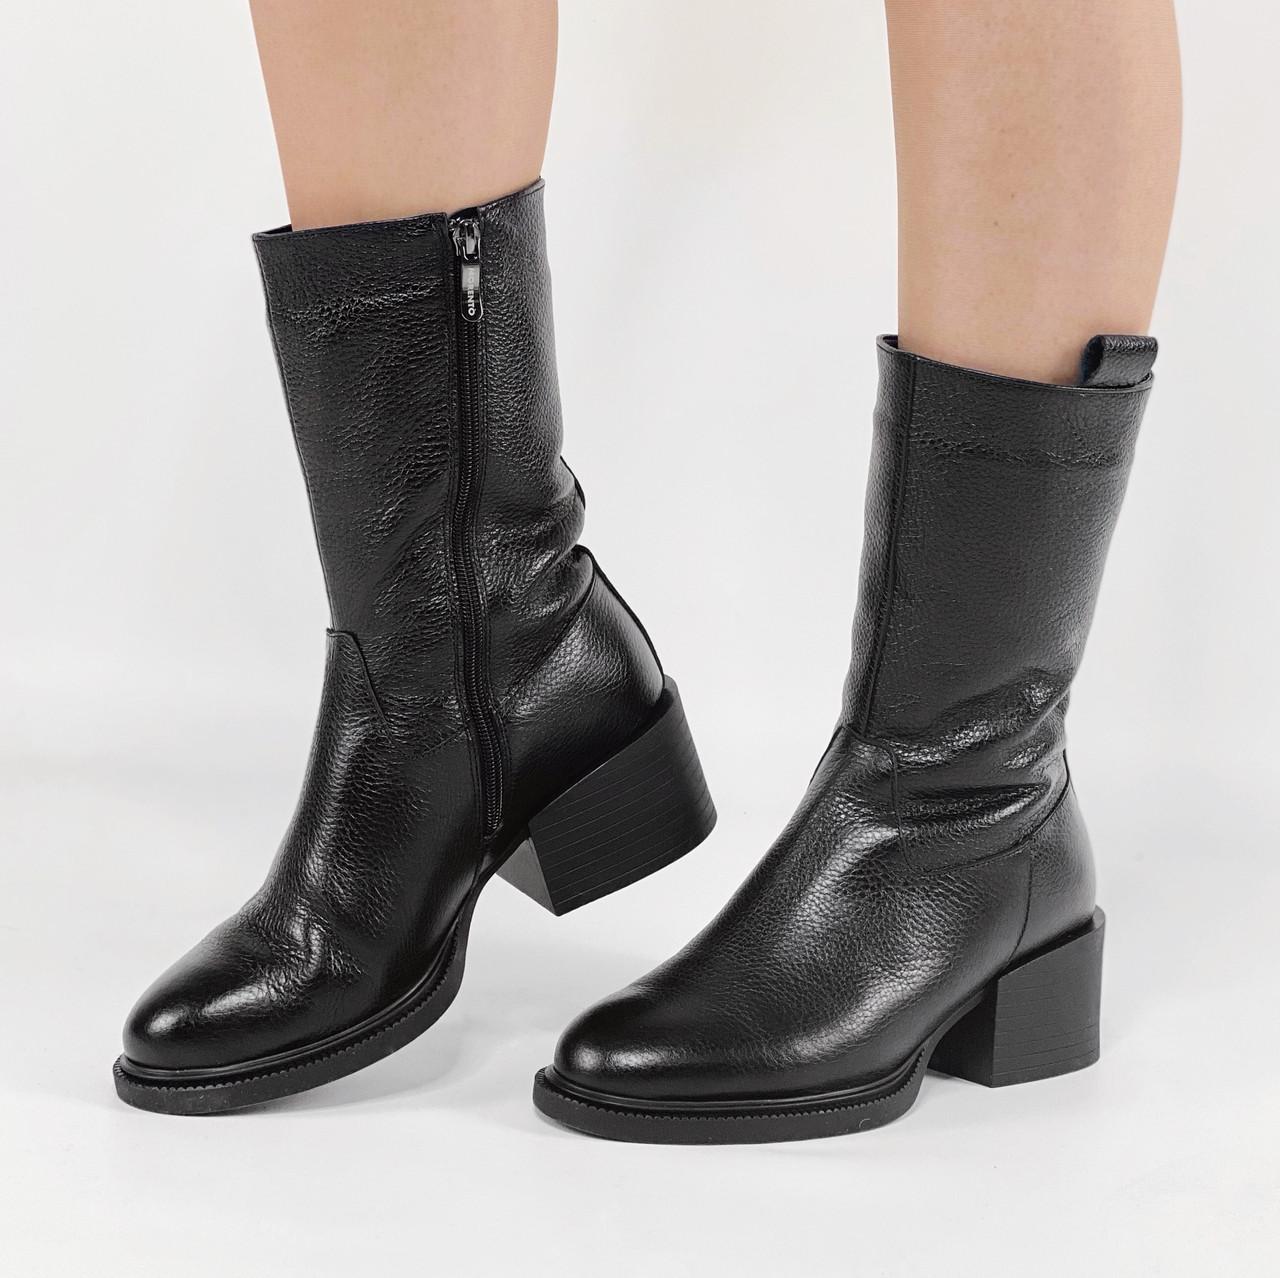 Ботинки женские кожаные черные на устойчивом каблуке MORENTO зимние